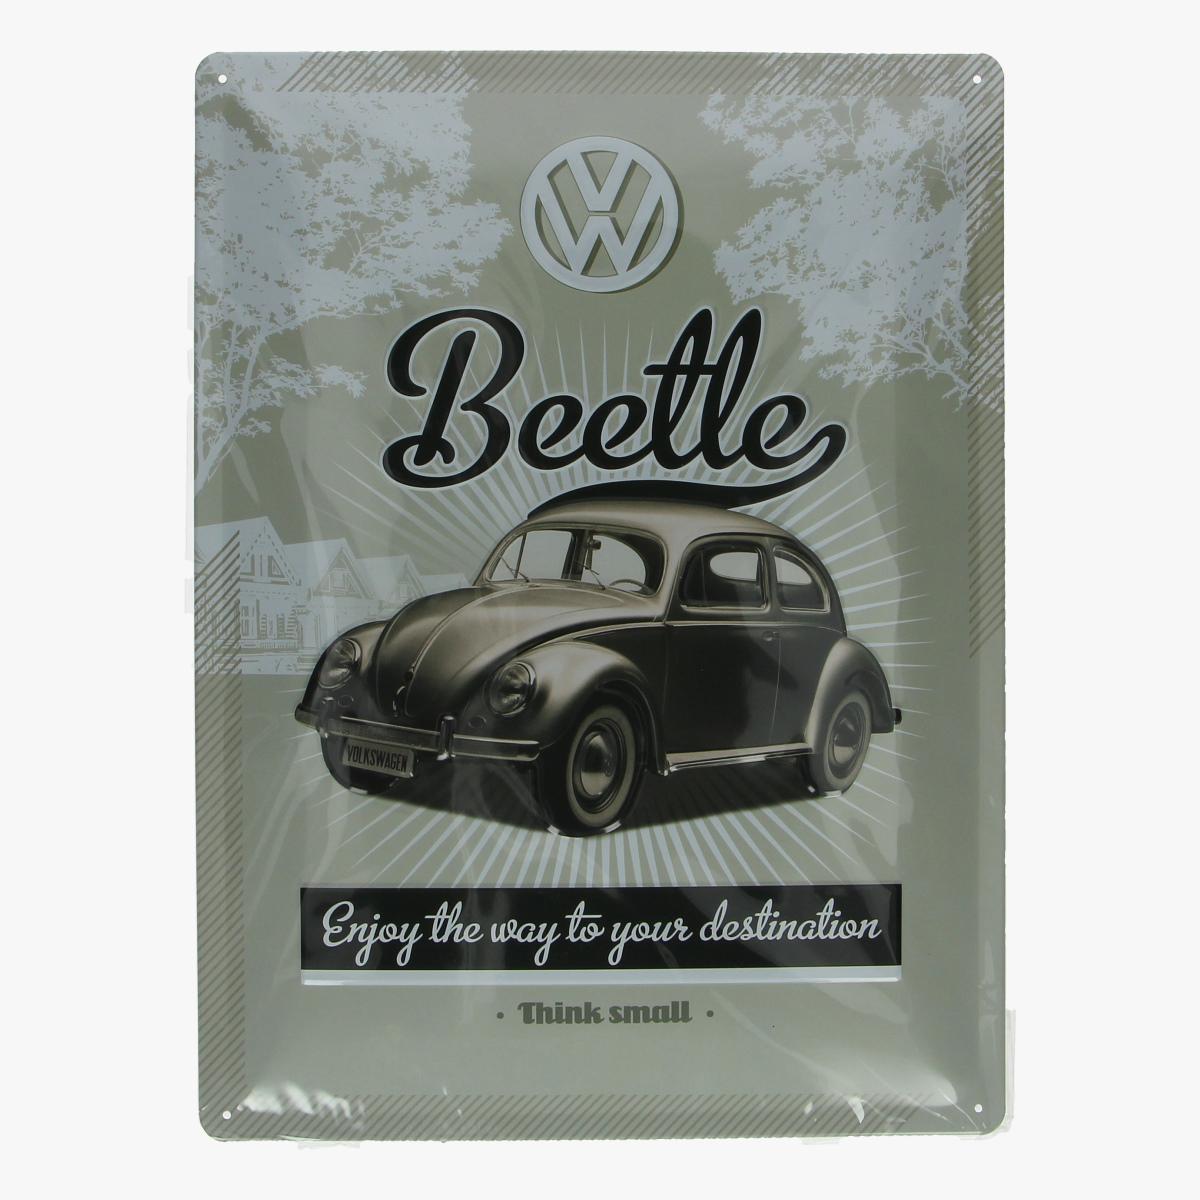 Afbeeldingen van blikken bord beetle volkswagen geseald